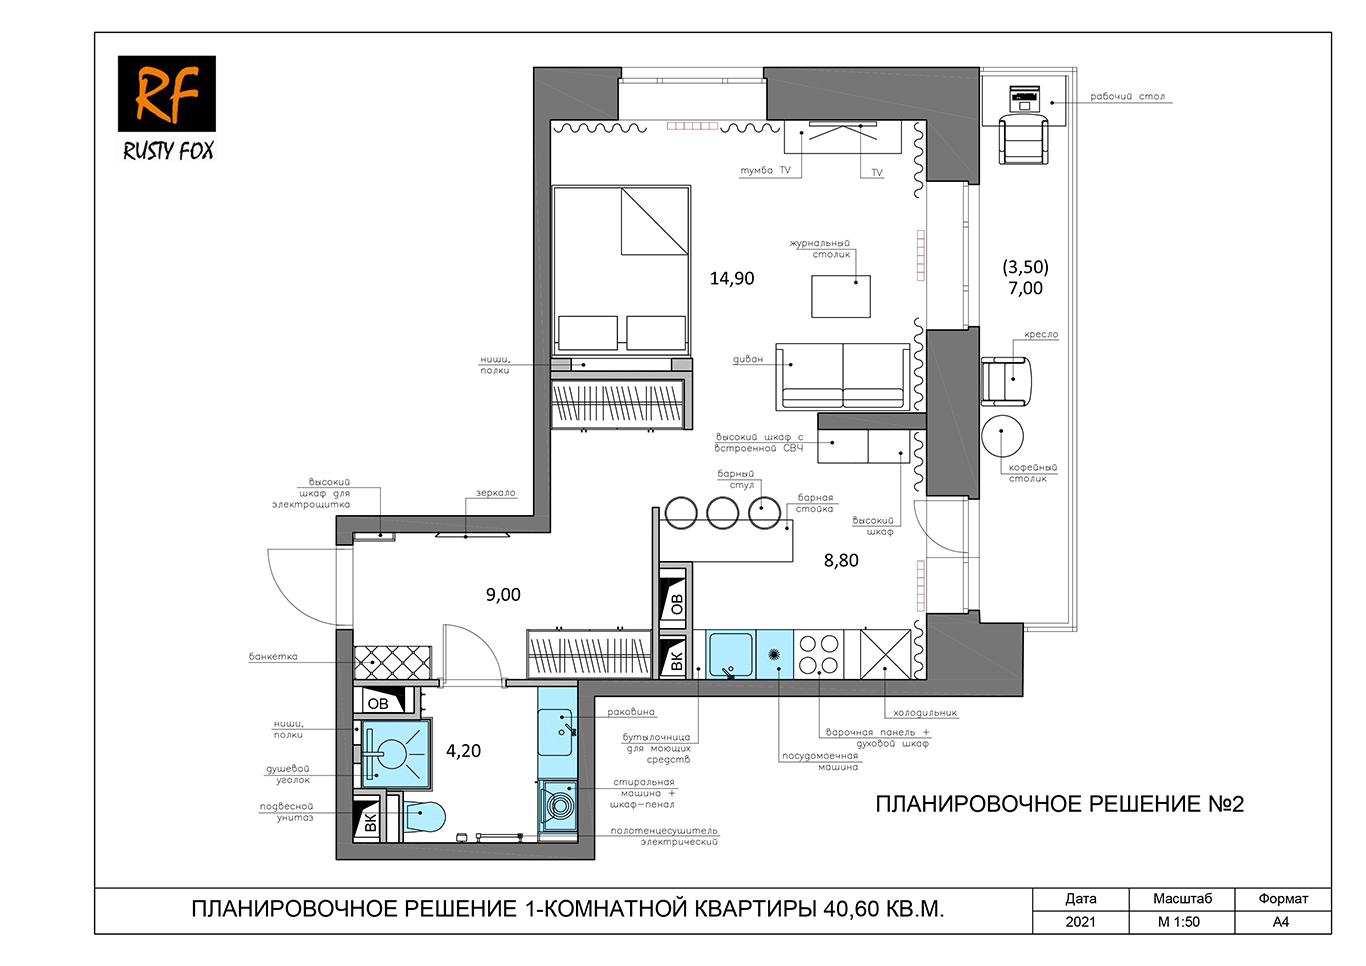 ЖК Люберцы корпус 54. Планировочное решение №2 1-комнотная квартира 40,60 кв.м.